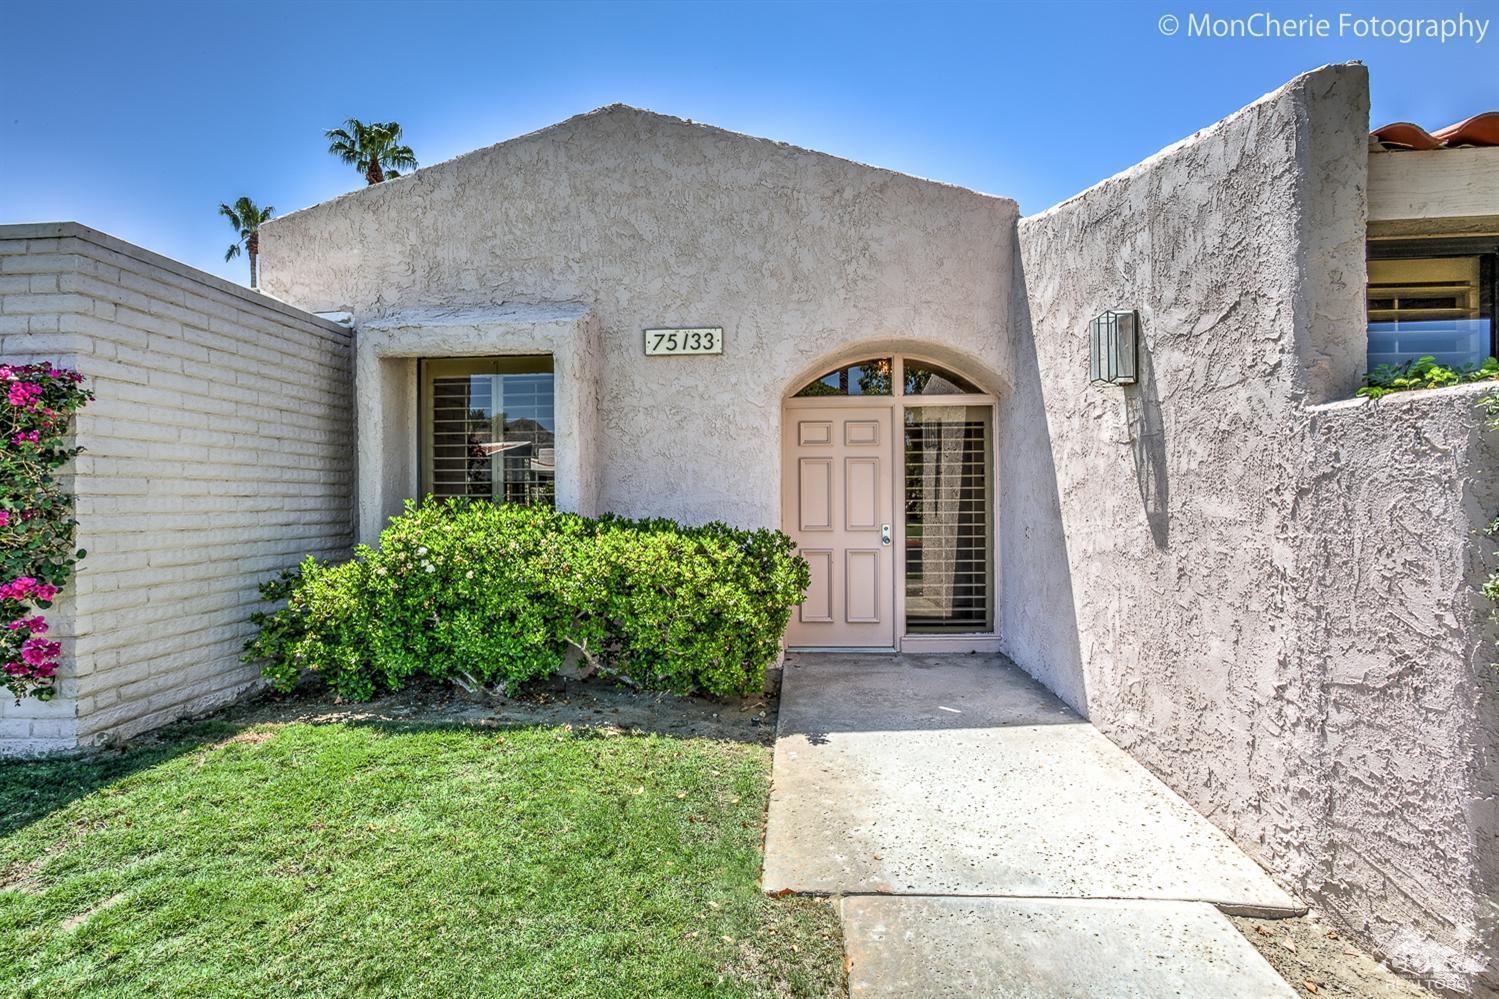 Dorado Villas Palm Springs Real Estate Condos